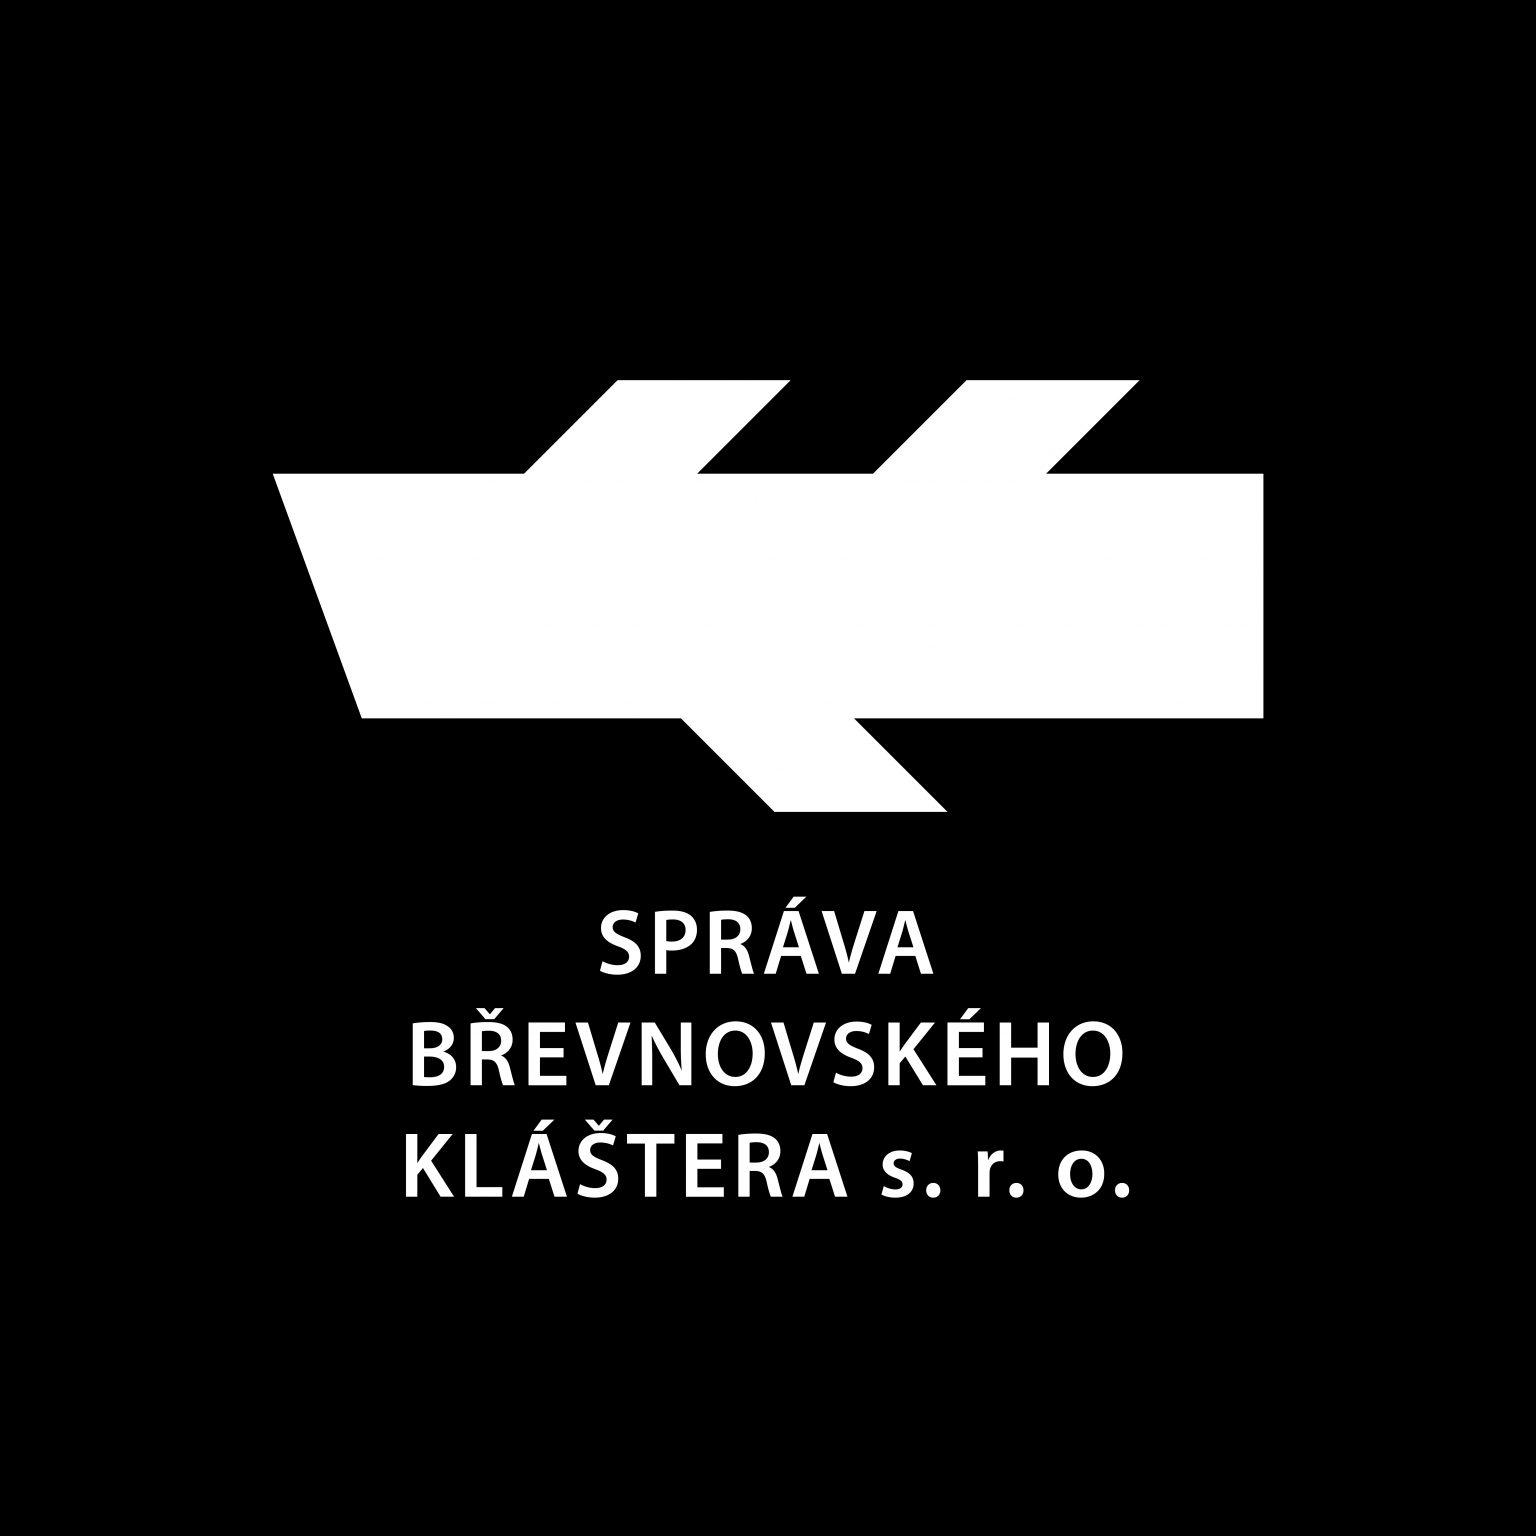 SPRÁVA BŘEVNOVSKÉHO KLÁŠTERA s.r.o.